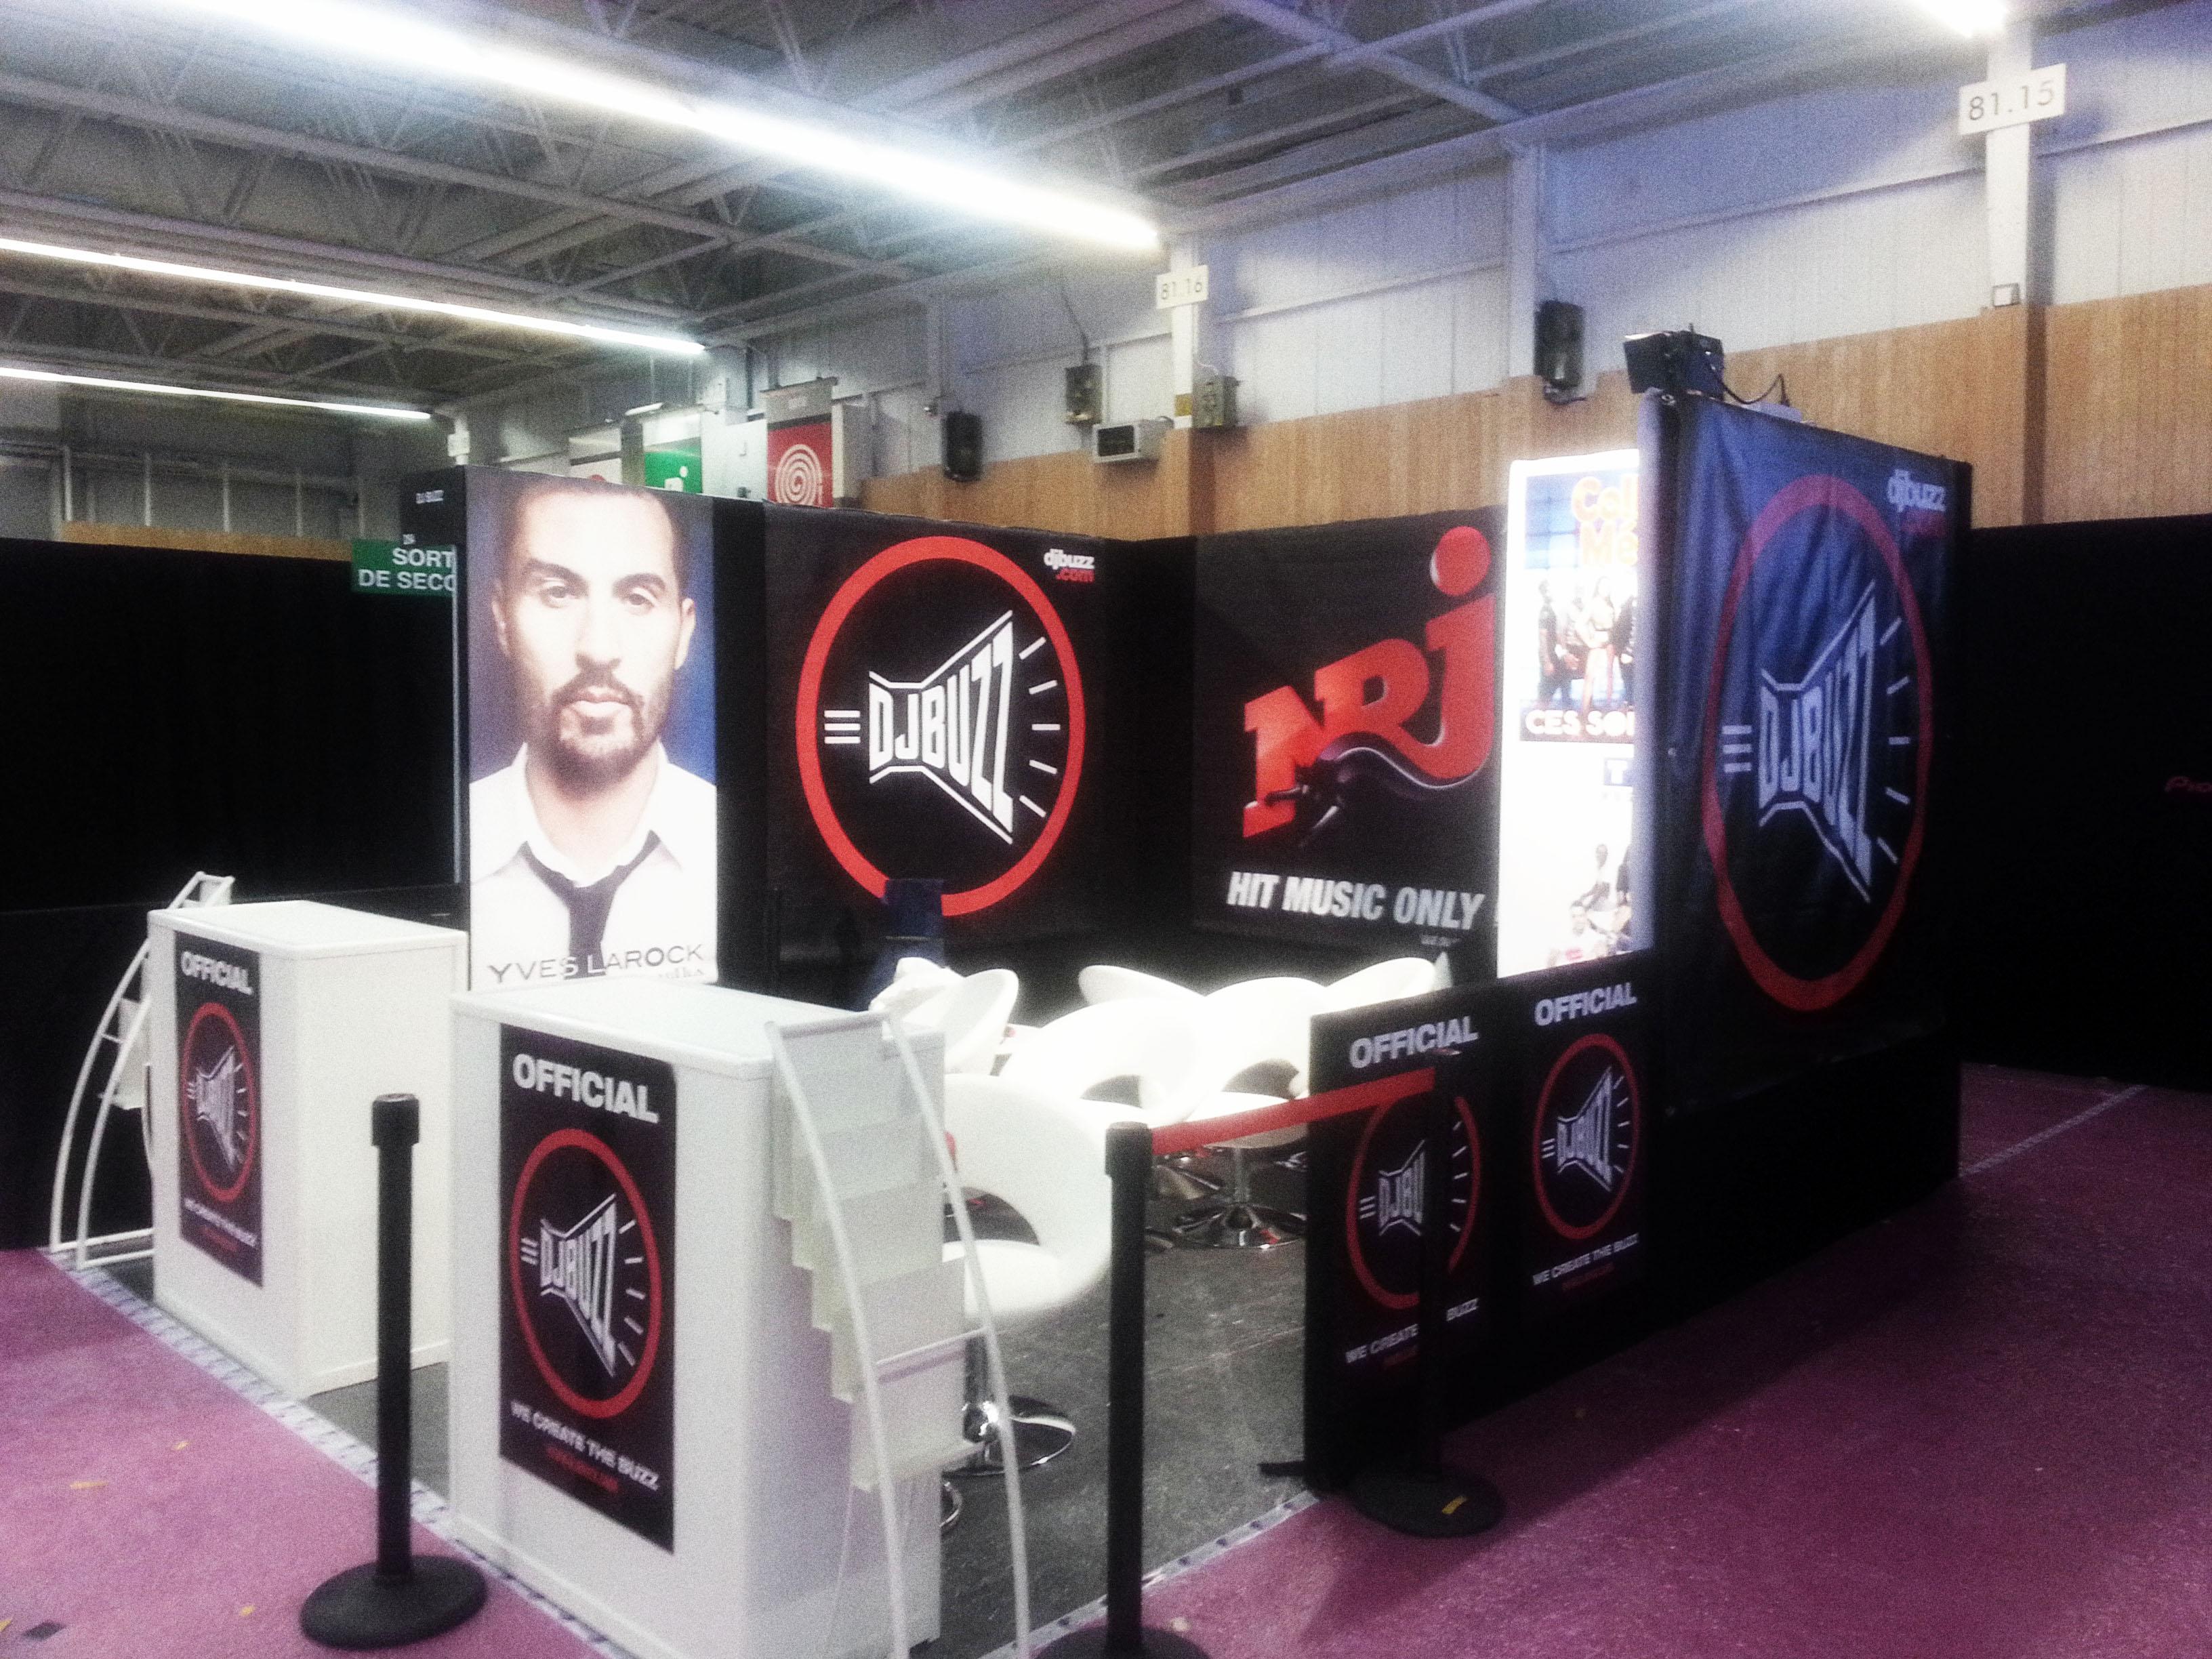 Le stand de DJBuzz au salon MixMove/Discom jusqu'à ce soir